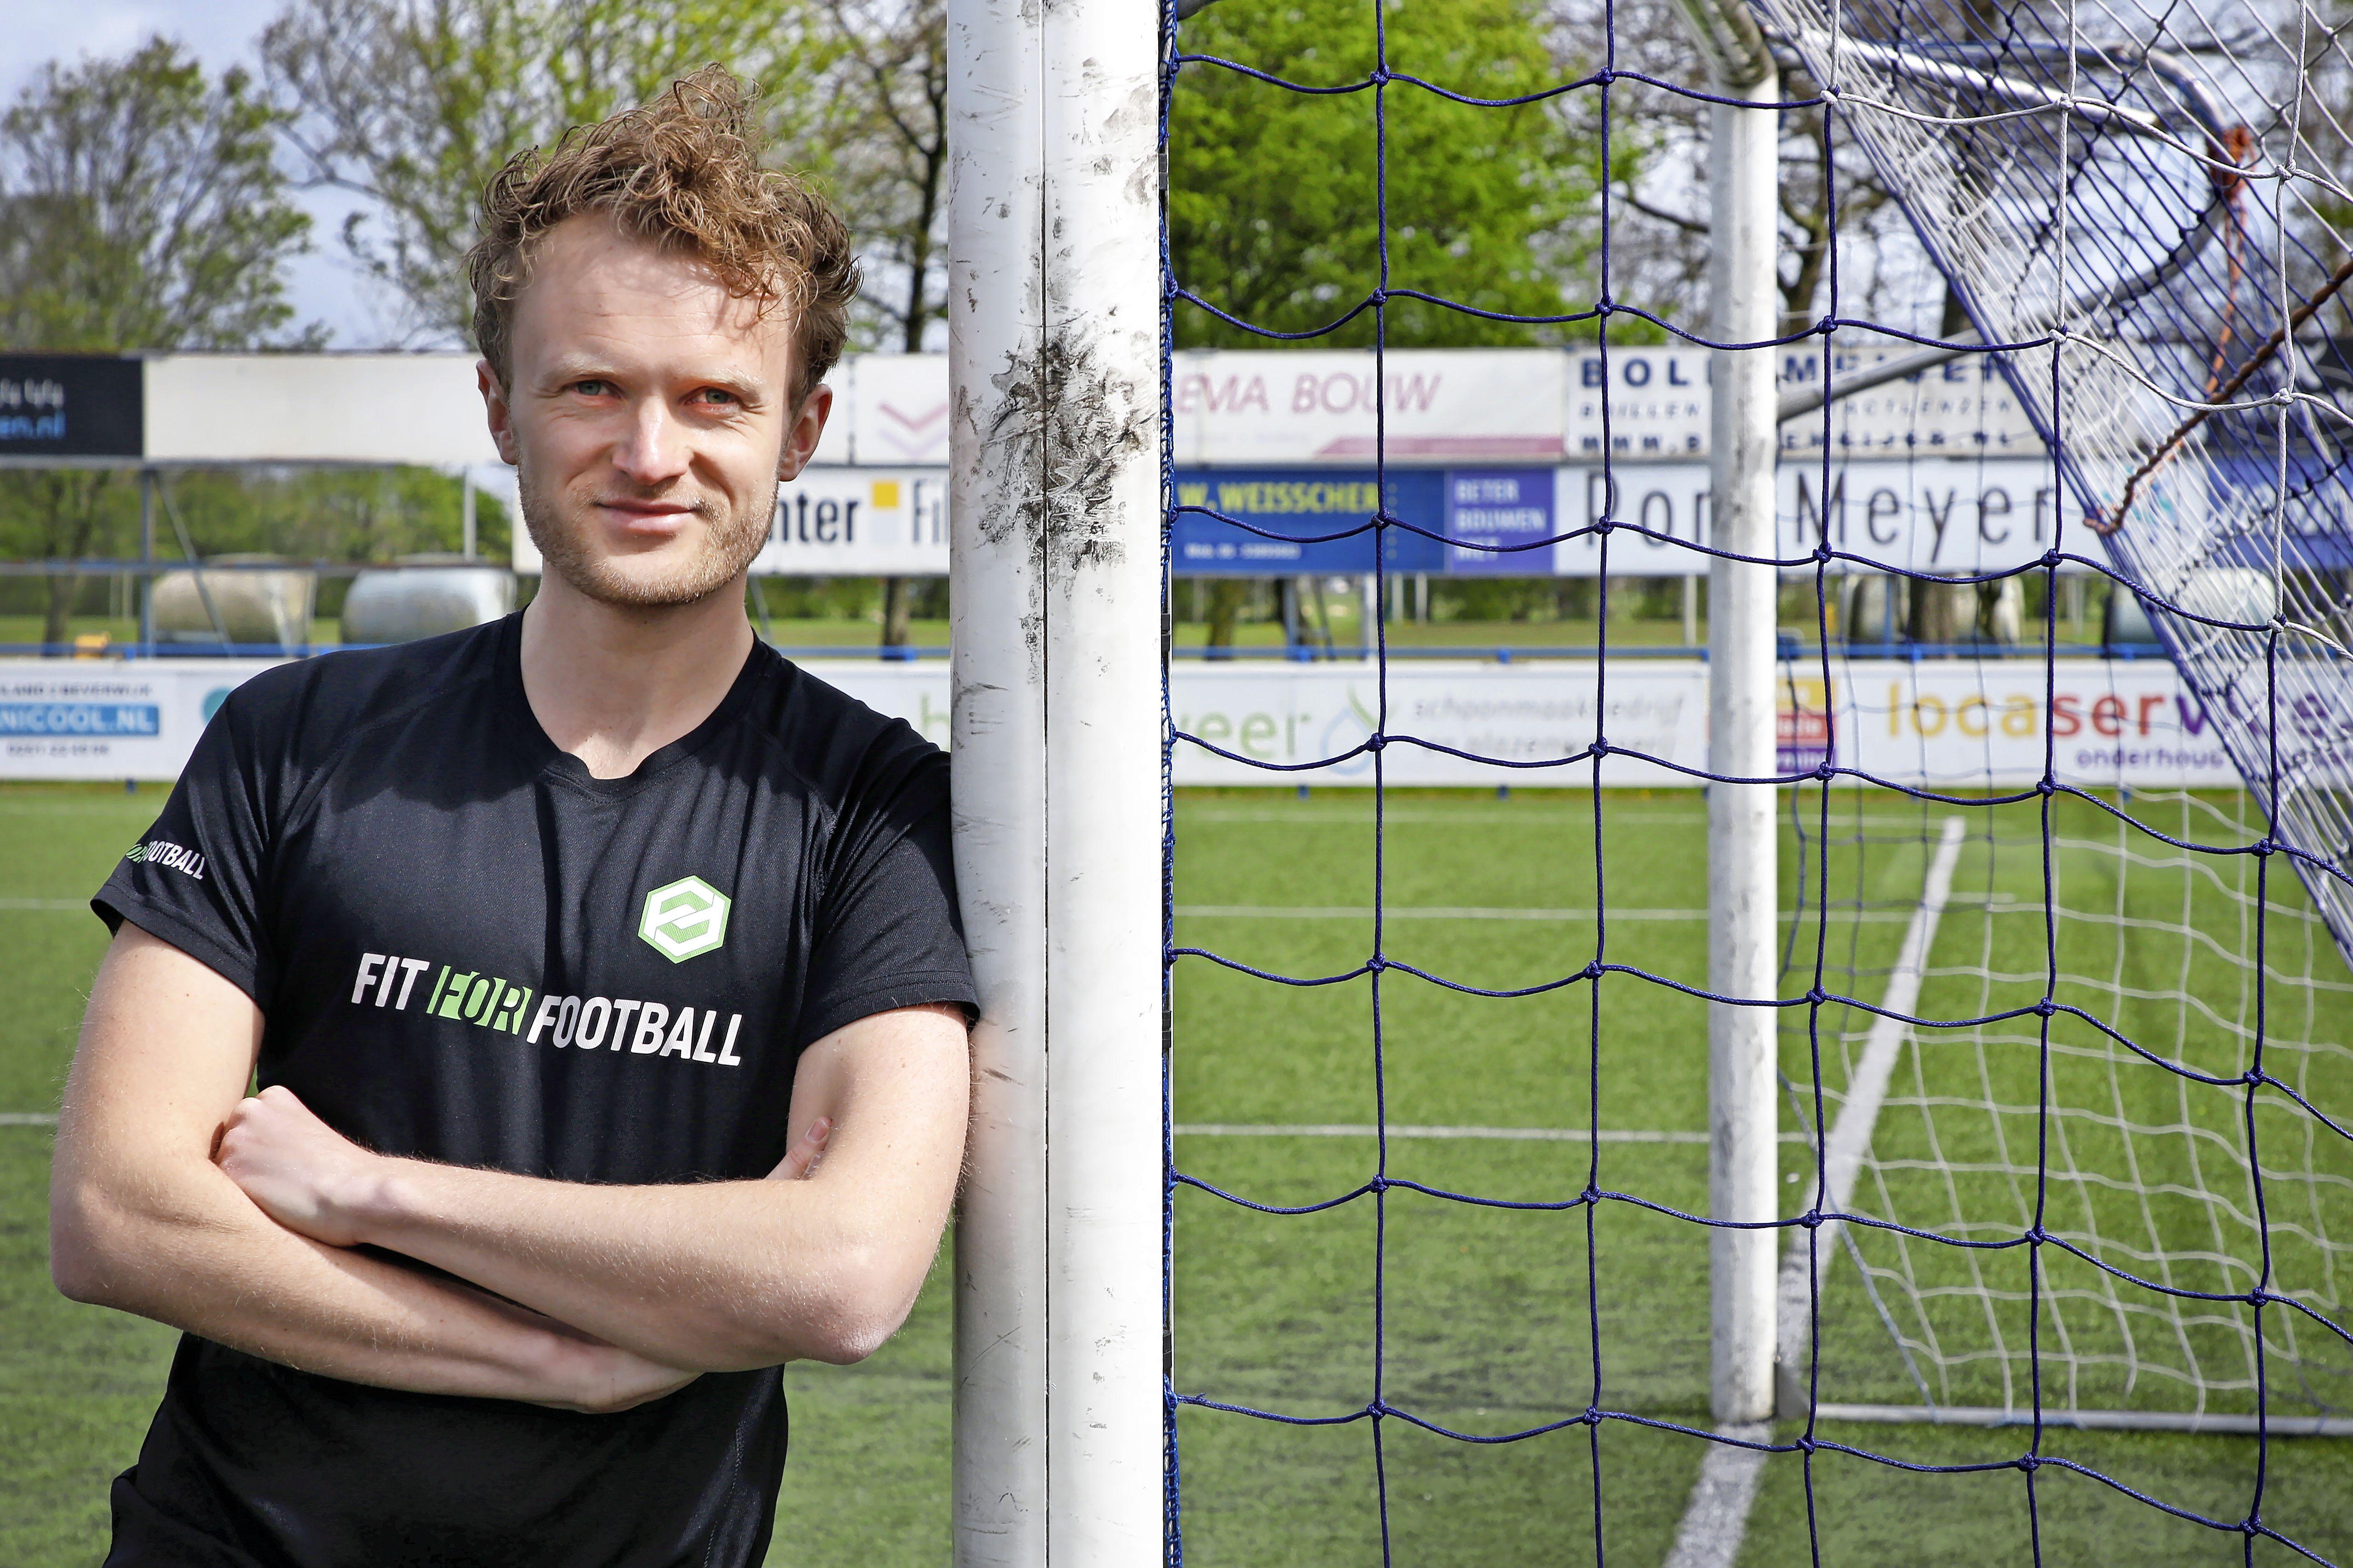 Wessel Dekker (25) speelde in de jeugd tegen Timothy Fosu-Mensah en Noussair Mazraoui van Ajax. Voor voetballers met grote dromen startte hij Fit For Football